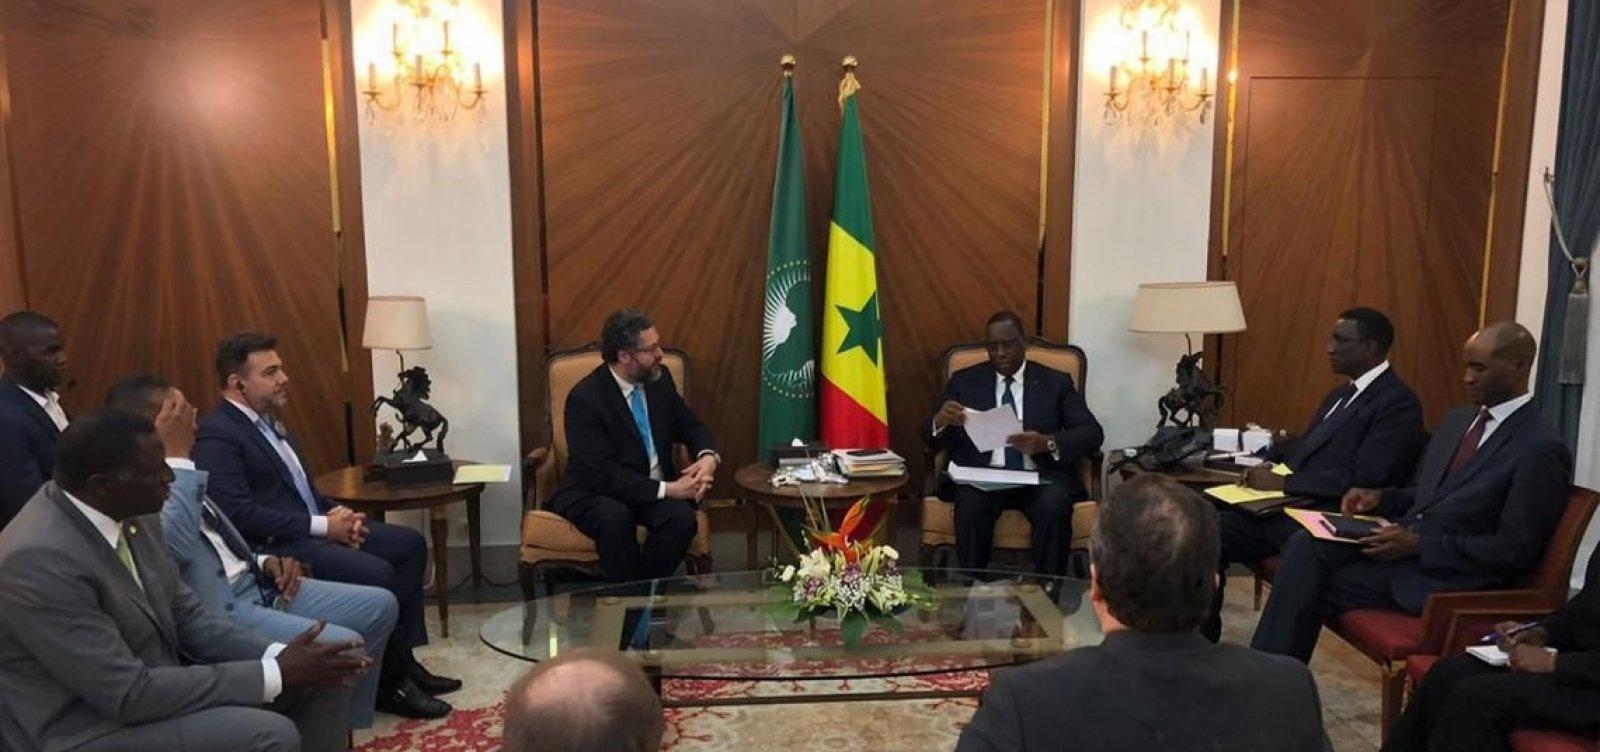 [Governo convida presidente do Senegal a visitar o Brasil em 2020]